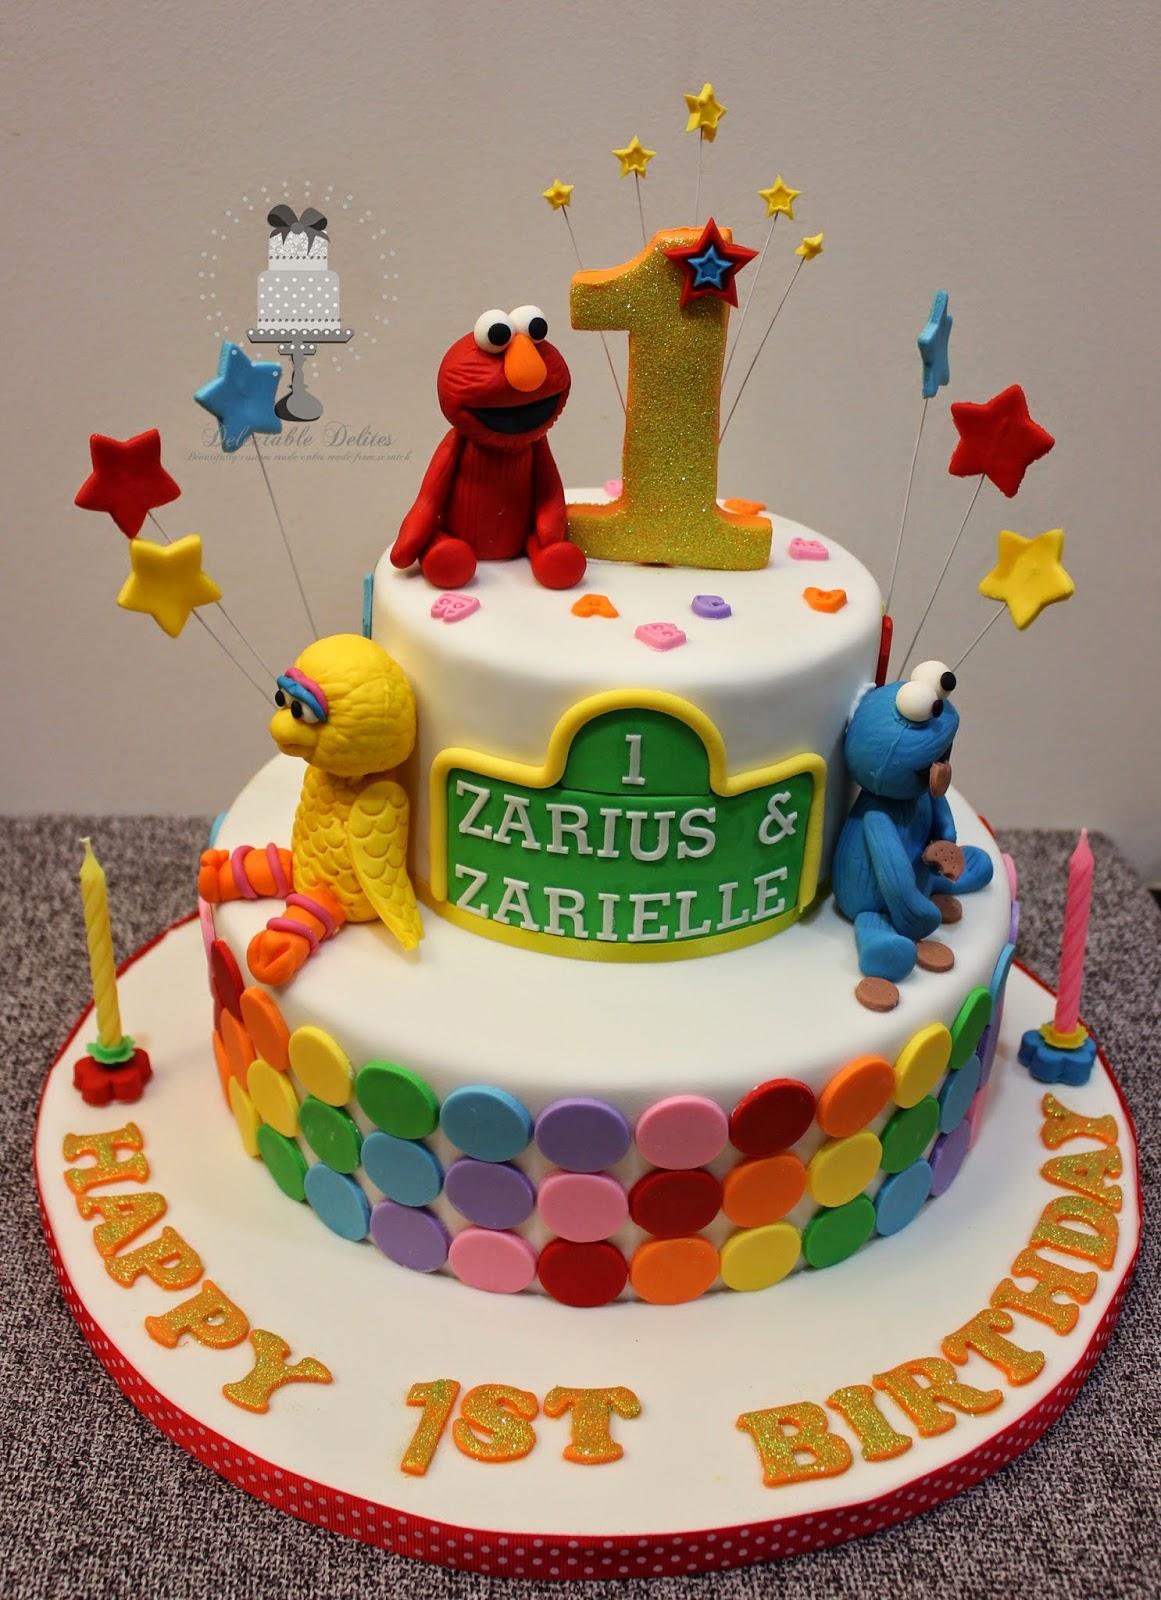 Delectable Delites Elmo and friends cake for Zarius Zarielles